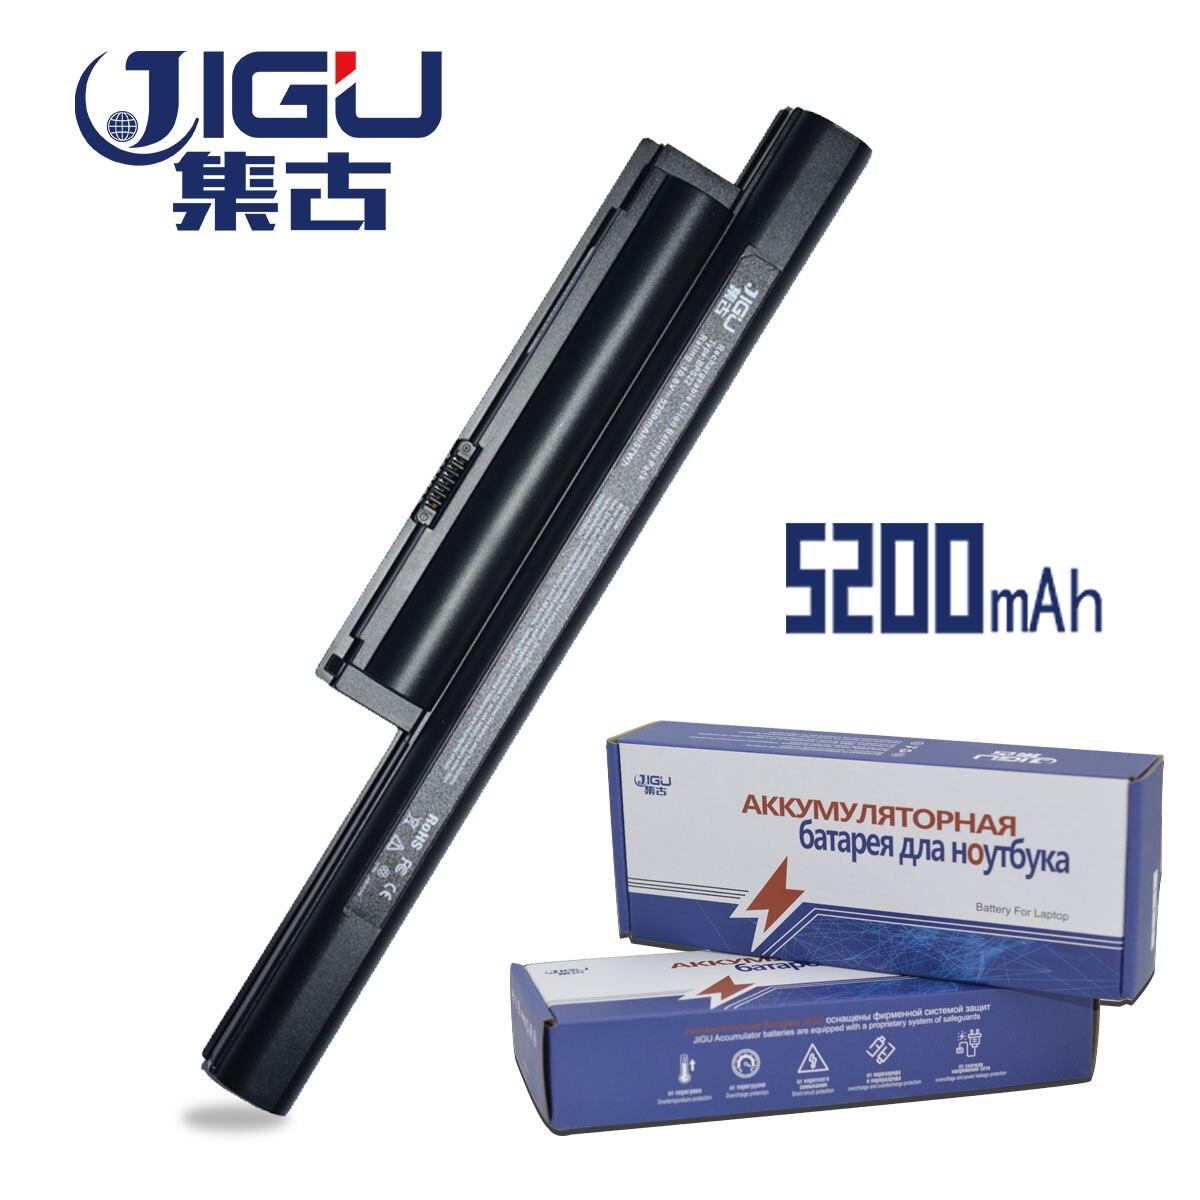 JIGU NO CD Laptop Battery BPS22 VGP-BPS22 VGP-BPL22 VGP-BPS22A VGP-BPS22/A Notebook Battery For SONY VAIO E Series цена 2017